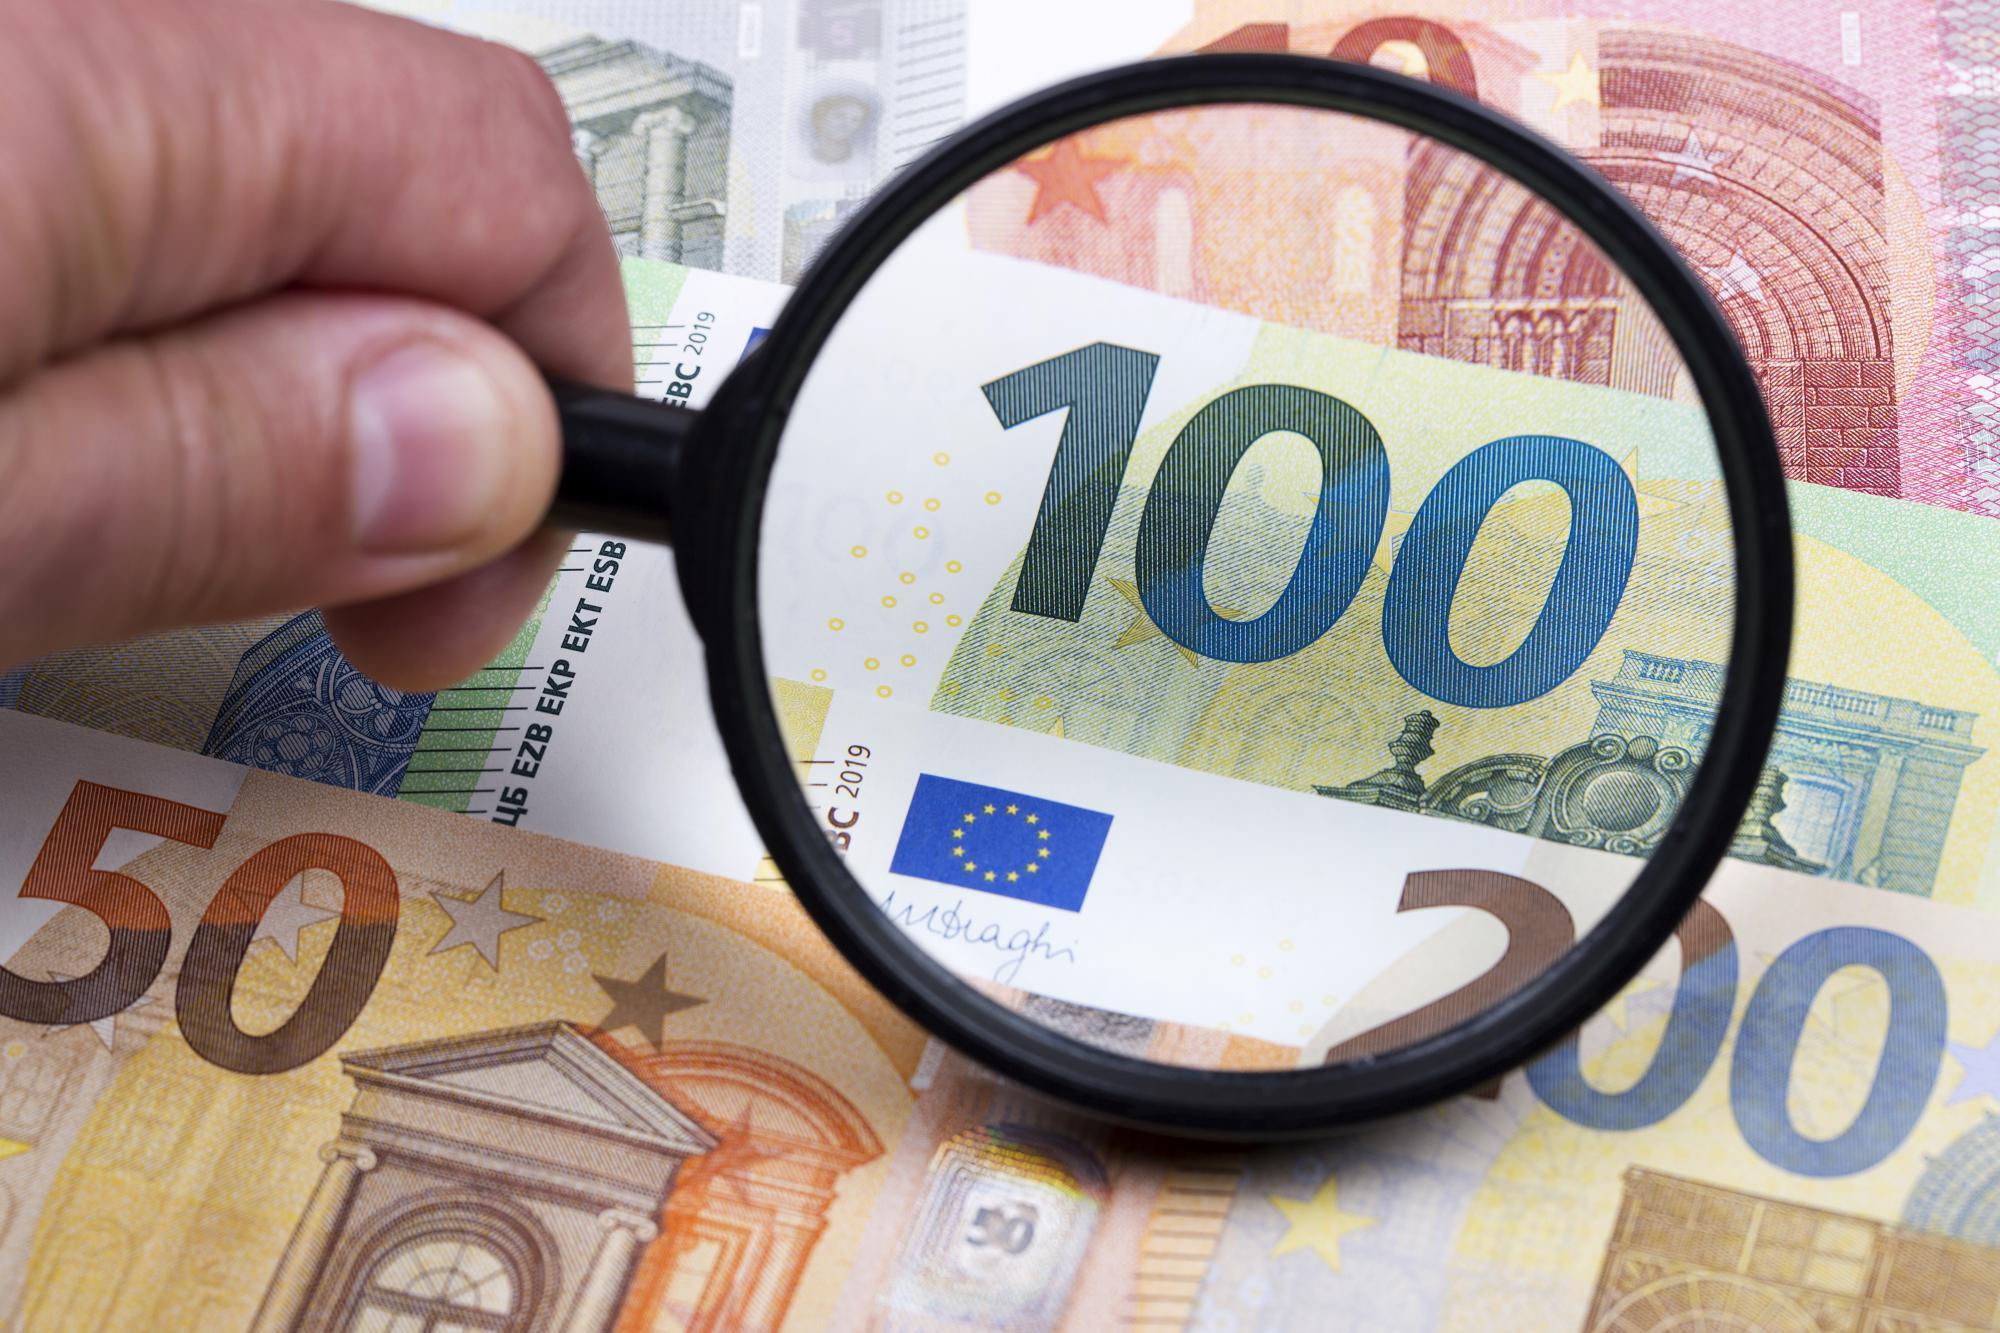 Европейская Комиссия начала процедуры по нарушениям программ «золотых паспортов» на Кипре и Мальте